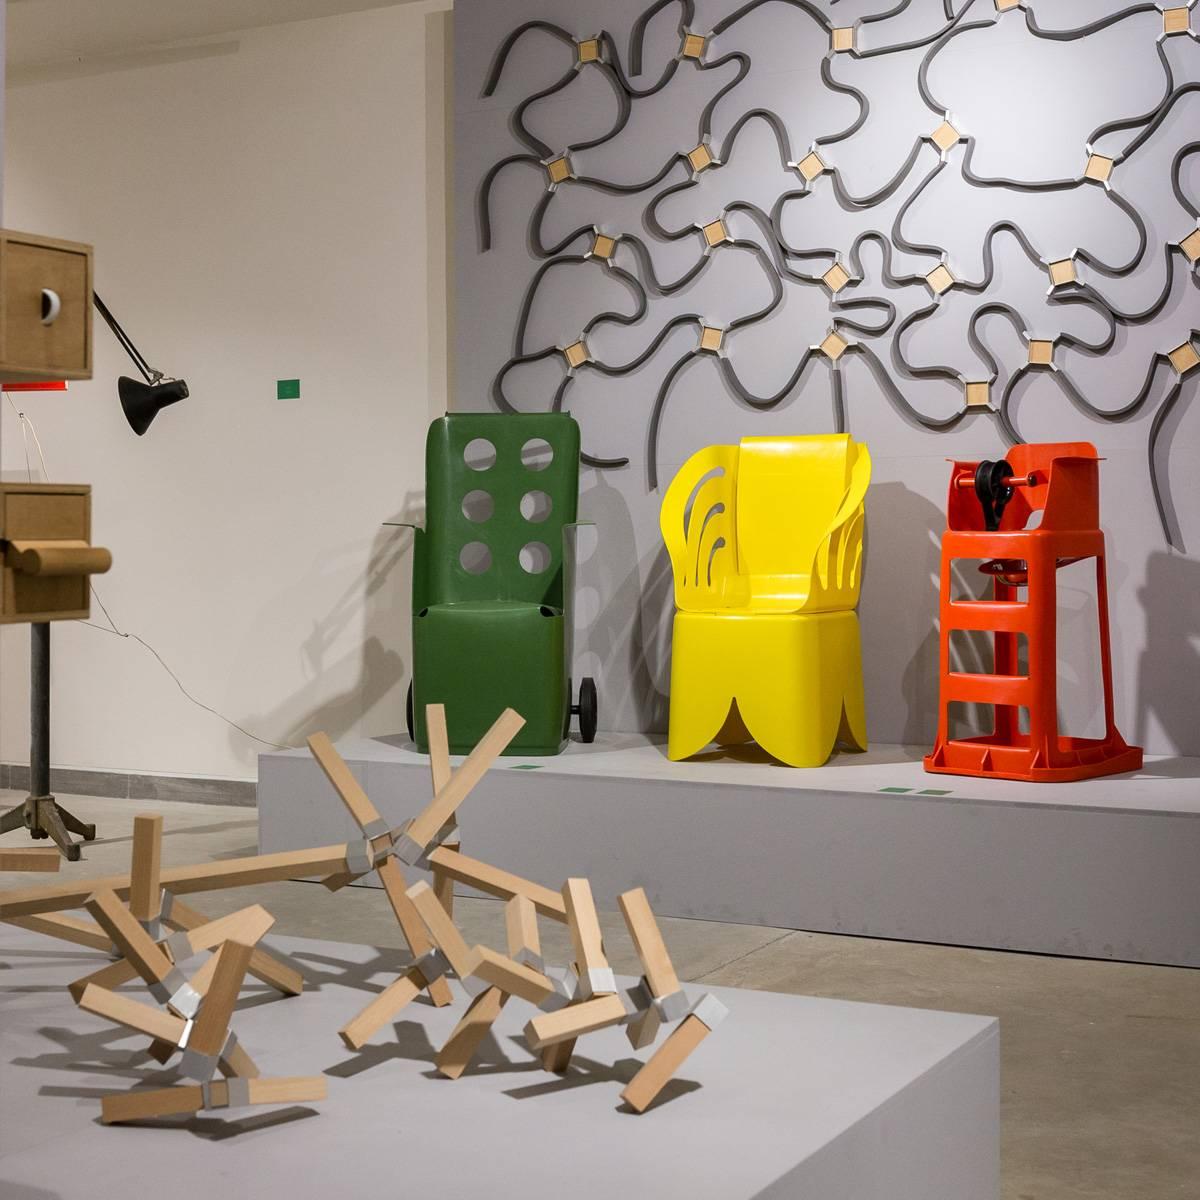 מתוך התערוכה ״תורת המחברים: מחווה לעמי דרך״, בגלריית ויטרינה